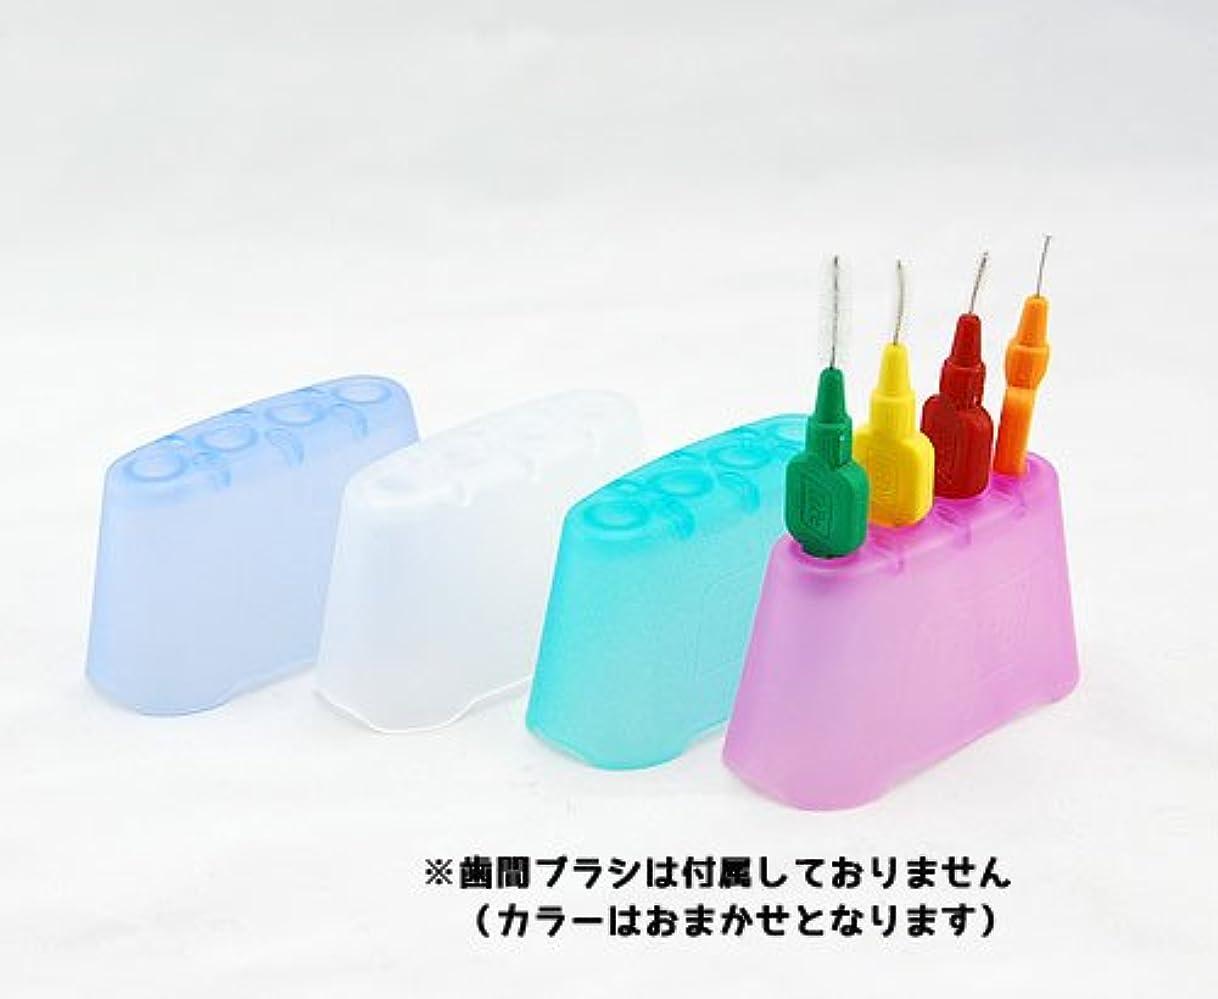 クロスフィールド テペ洗面台用マイクロスタンド(カラーはおまかせ)